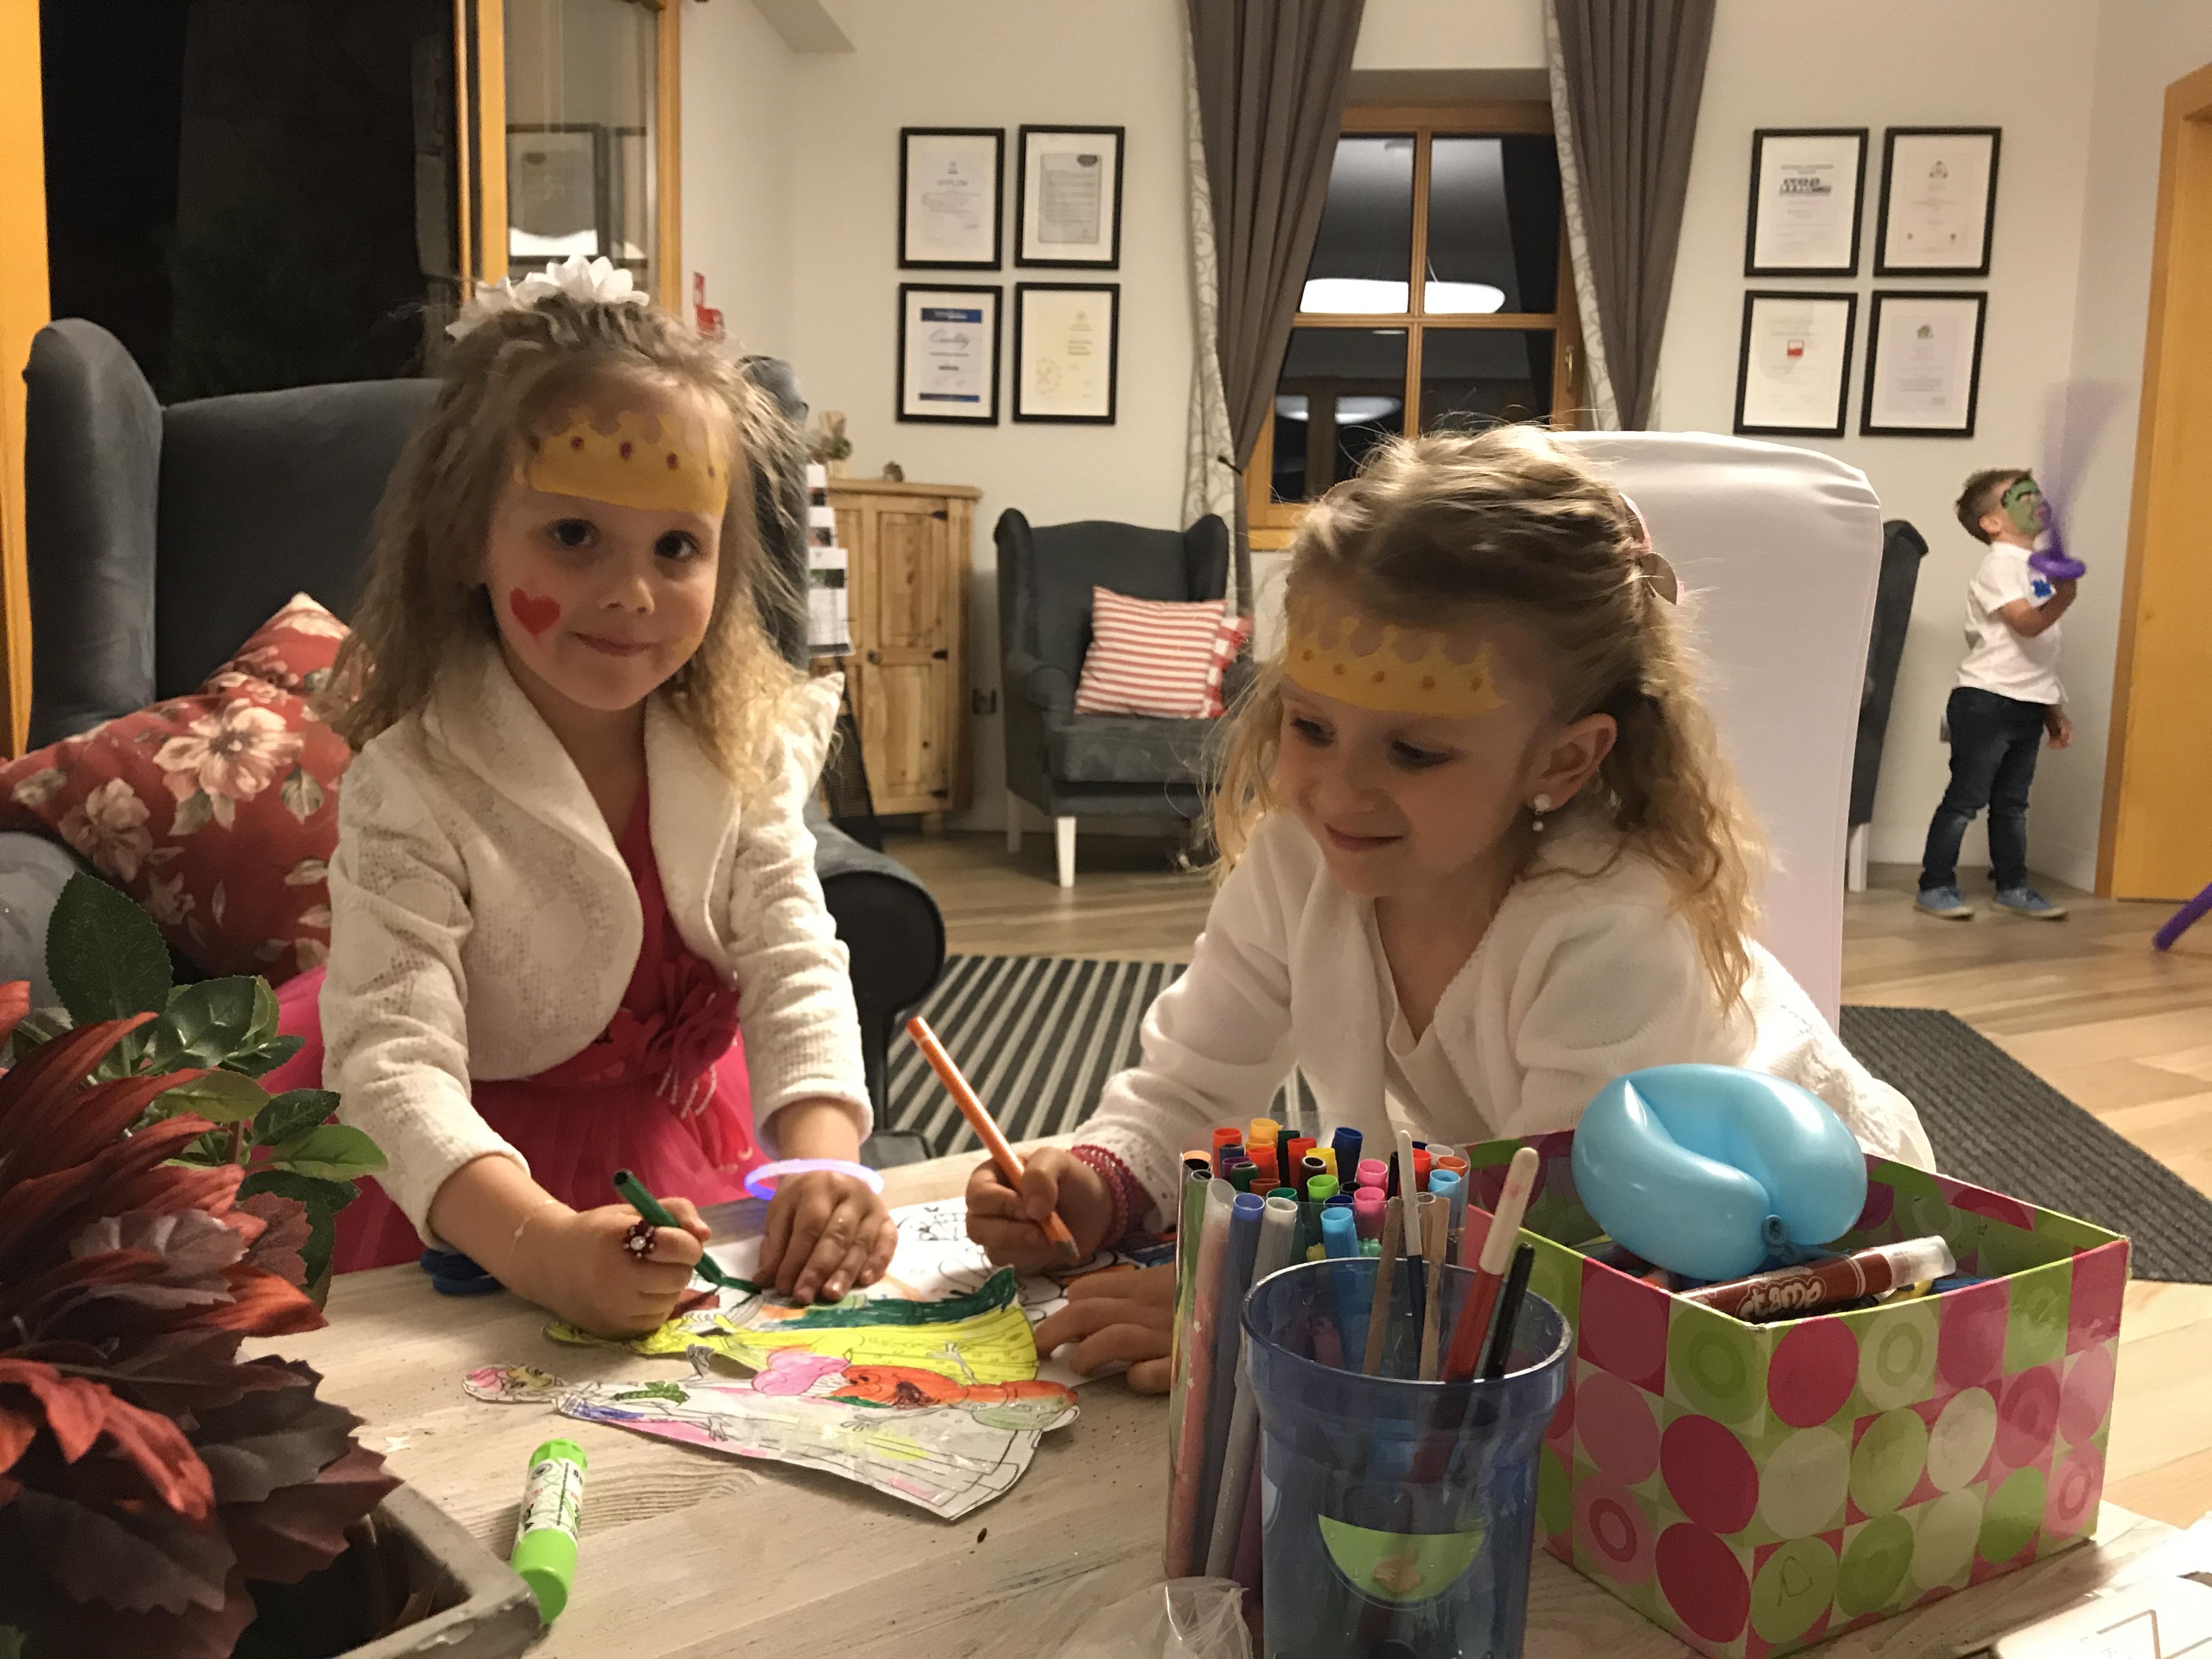 Organizacja urodzin dla dzieci na terenie Żywiec. Malowanie twarzy i modelowanie balonów. Całonocna opieka dla dzieci w trakcie imprezy.